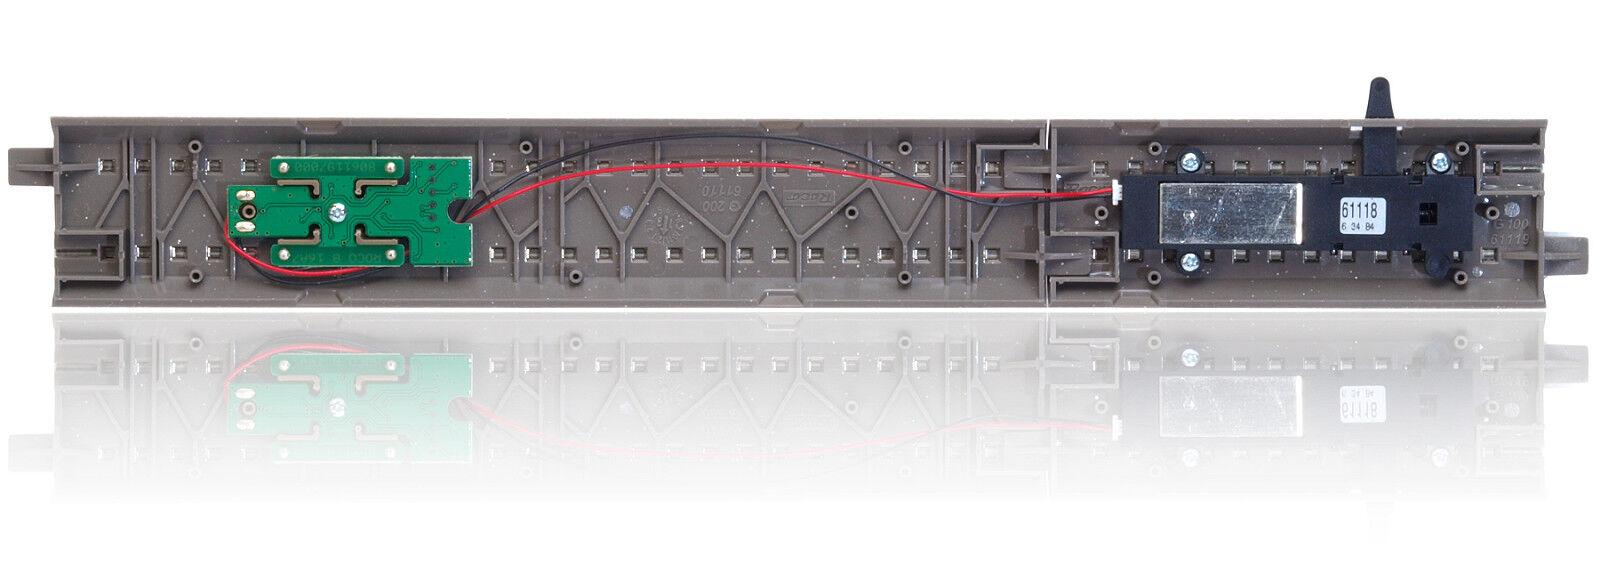 ROCO 61118 h0 entkupplungsgleis con Nuovo propulsione e decoder + + Nuovo con + + 3684ab